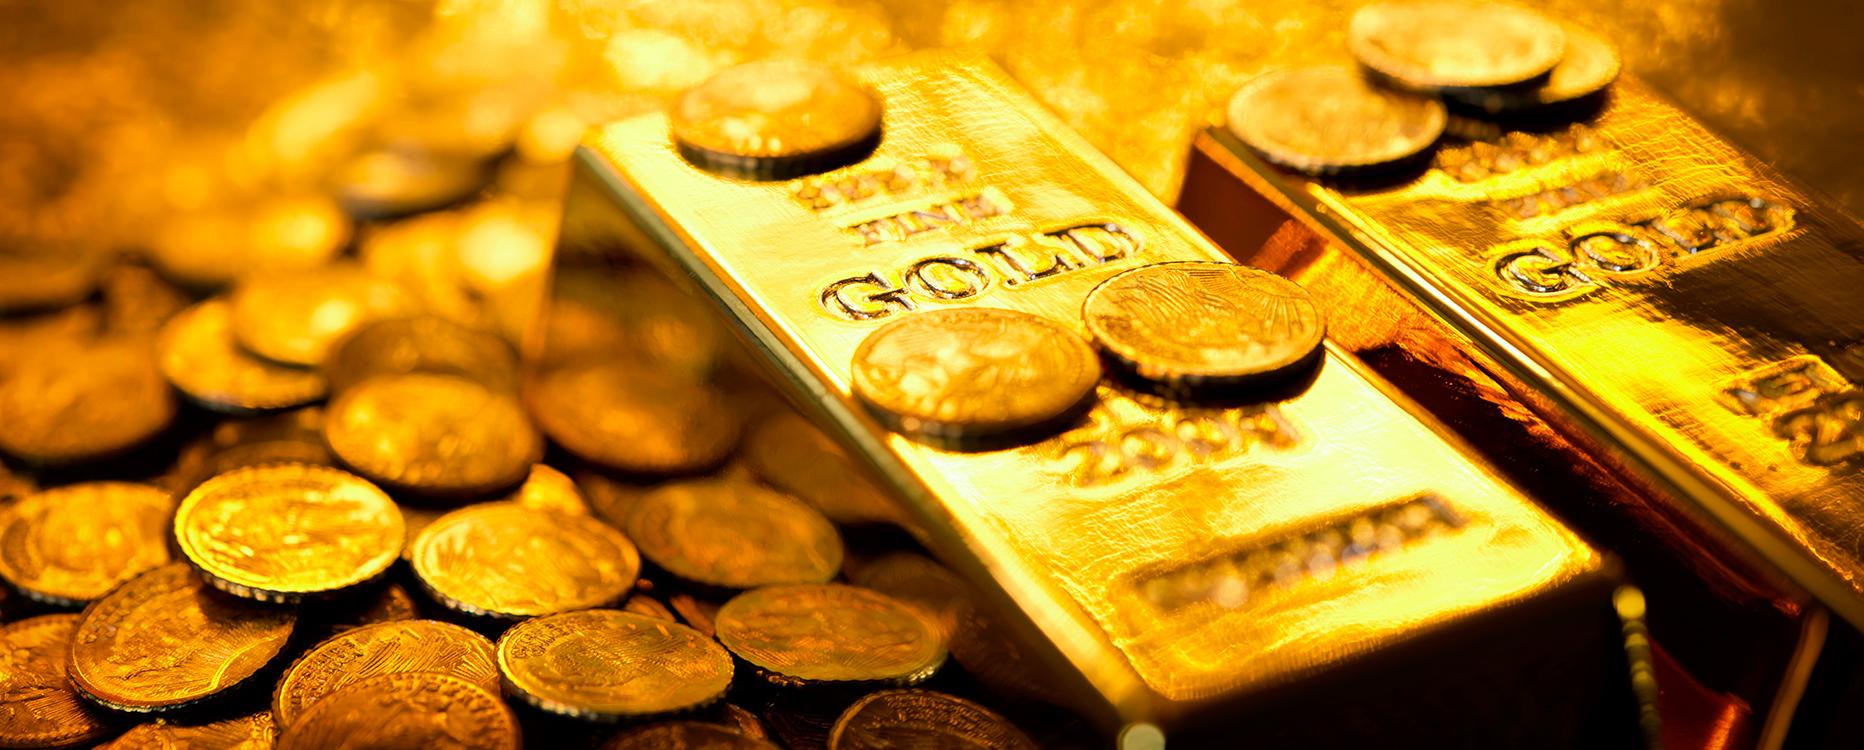 oro-bitcoin-blockchain-valor-casa de la moneda-comercio-tradewind-vaultchain